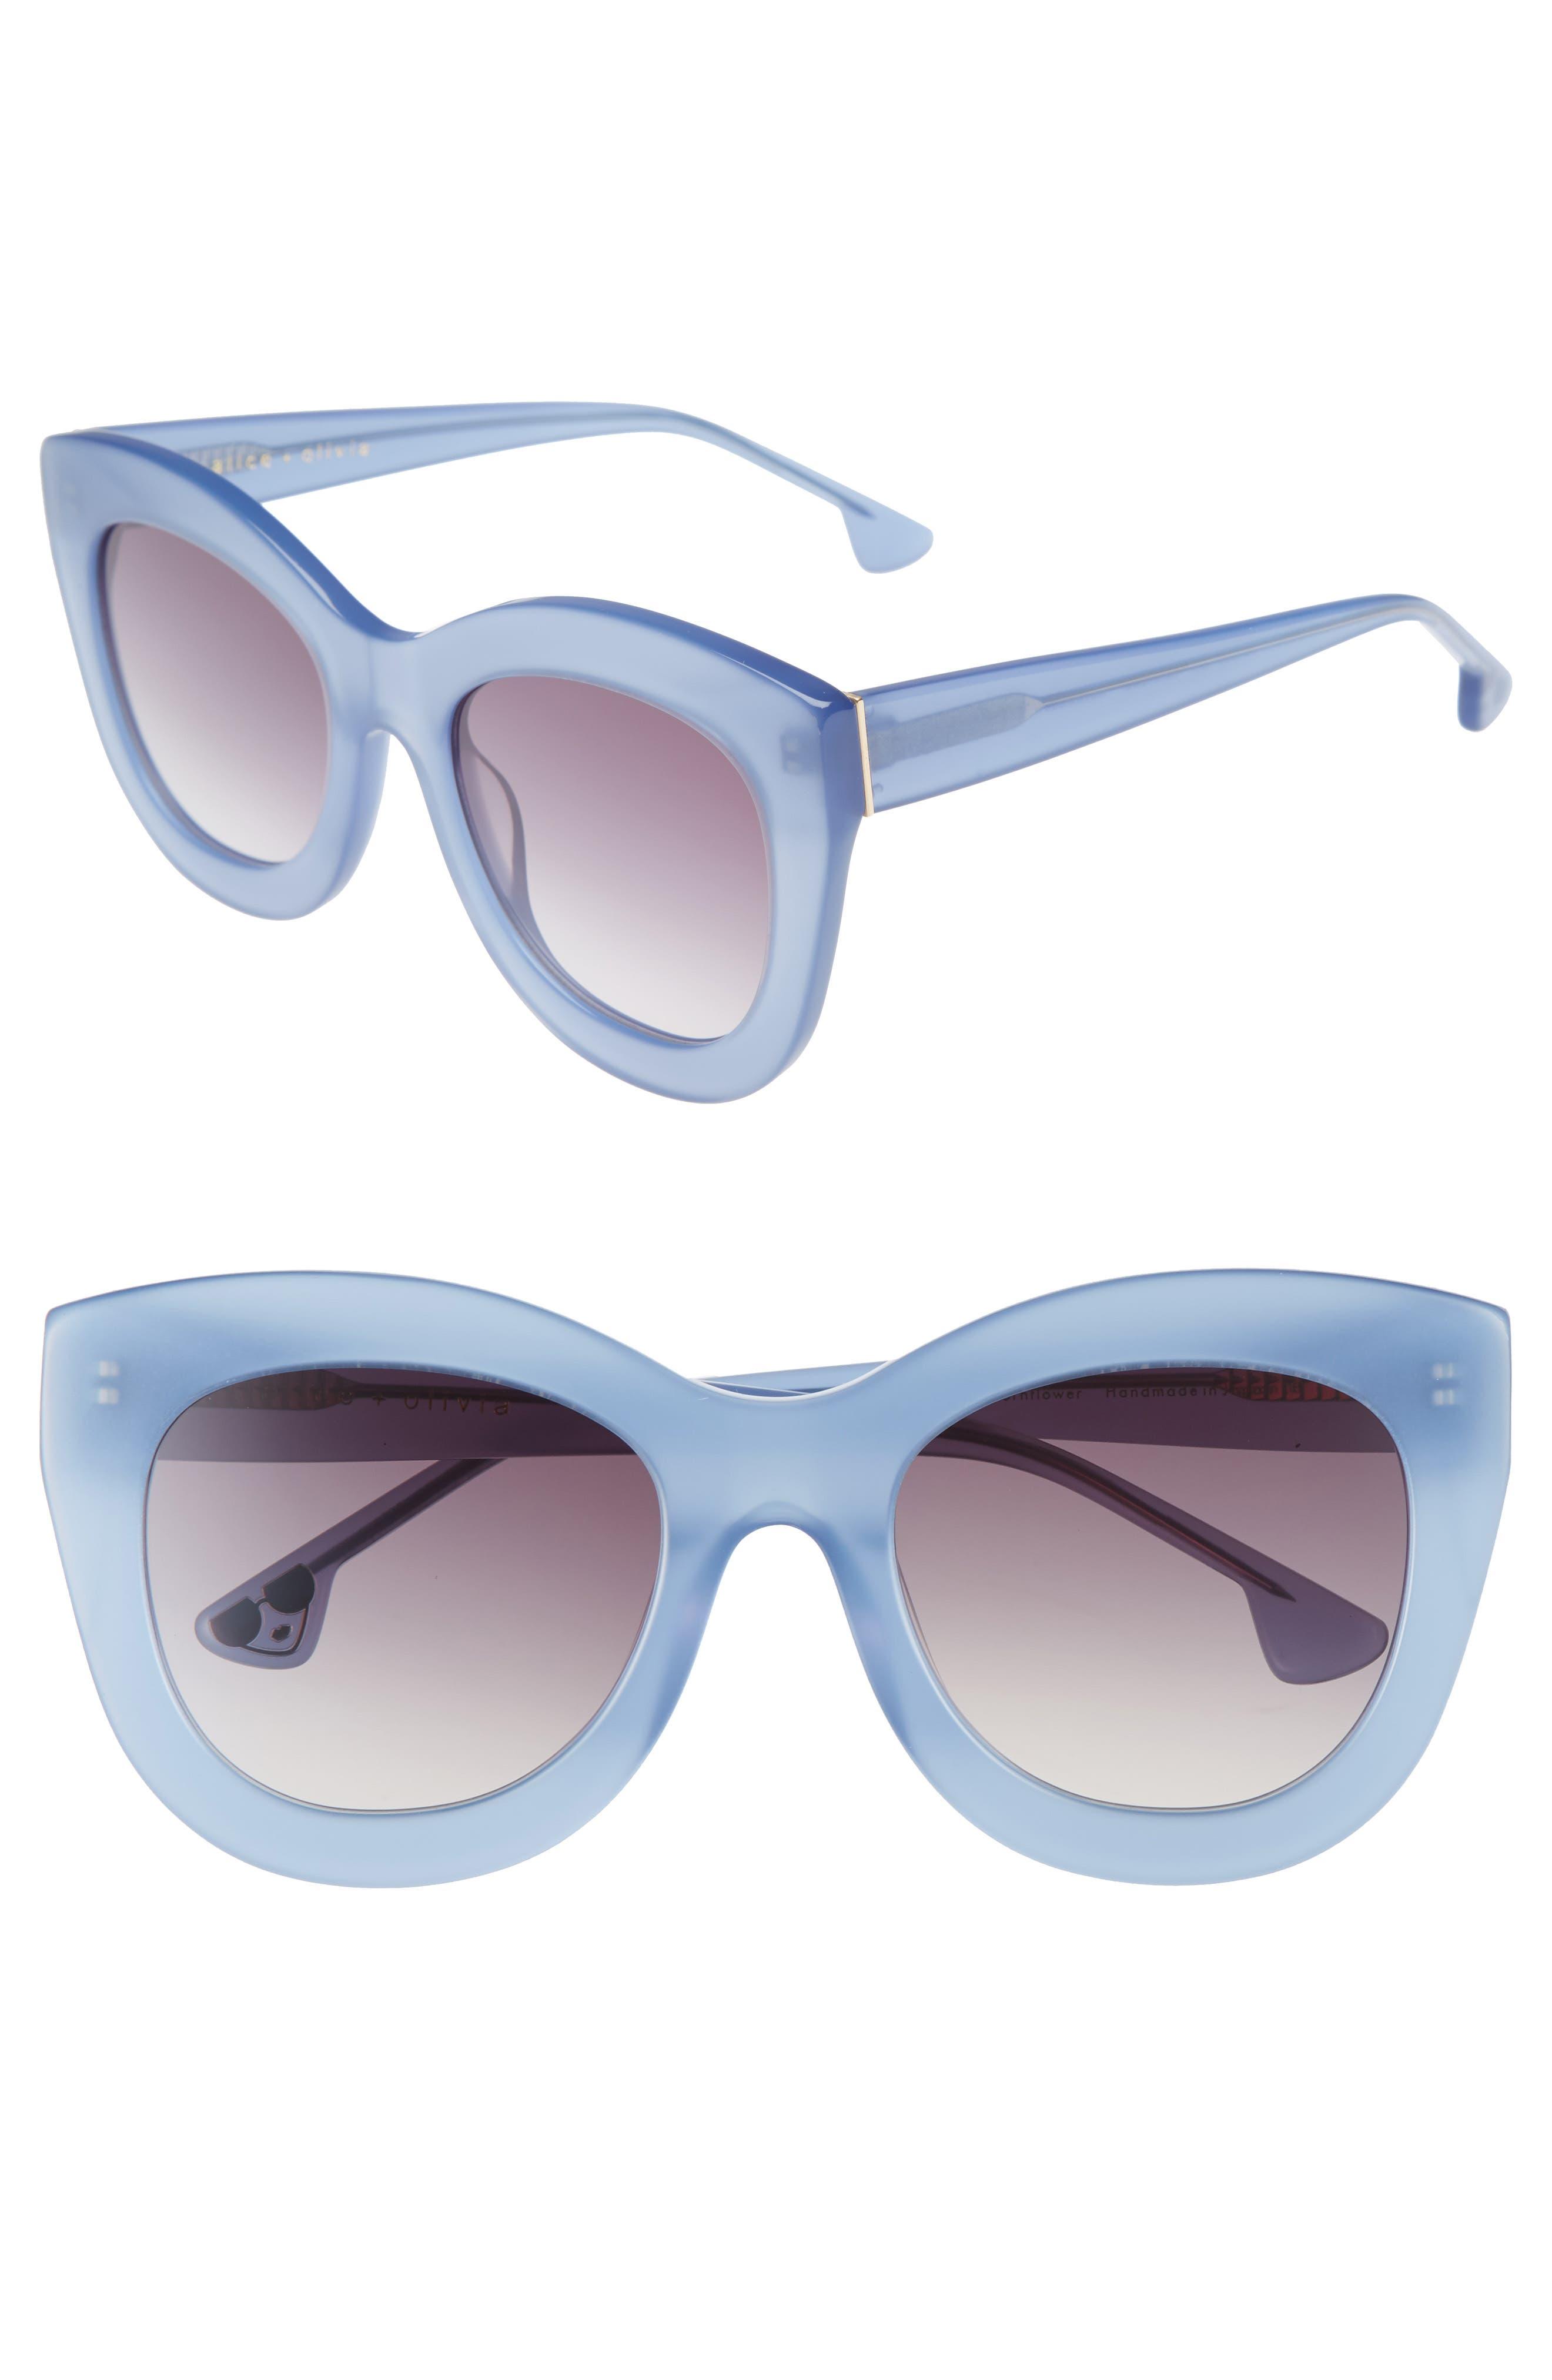 Main Image - Alice + Olivia Madison 56mm Cat Eye Sunglasses